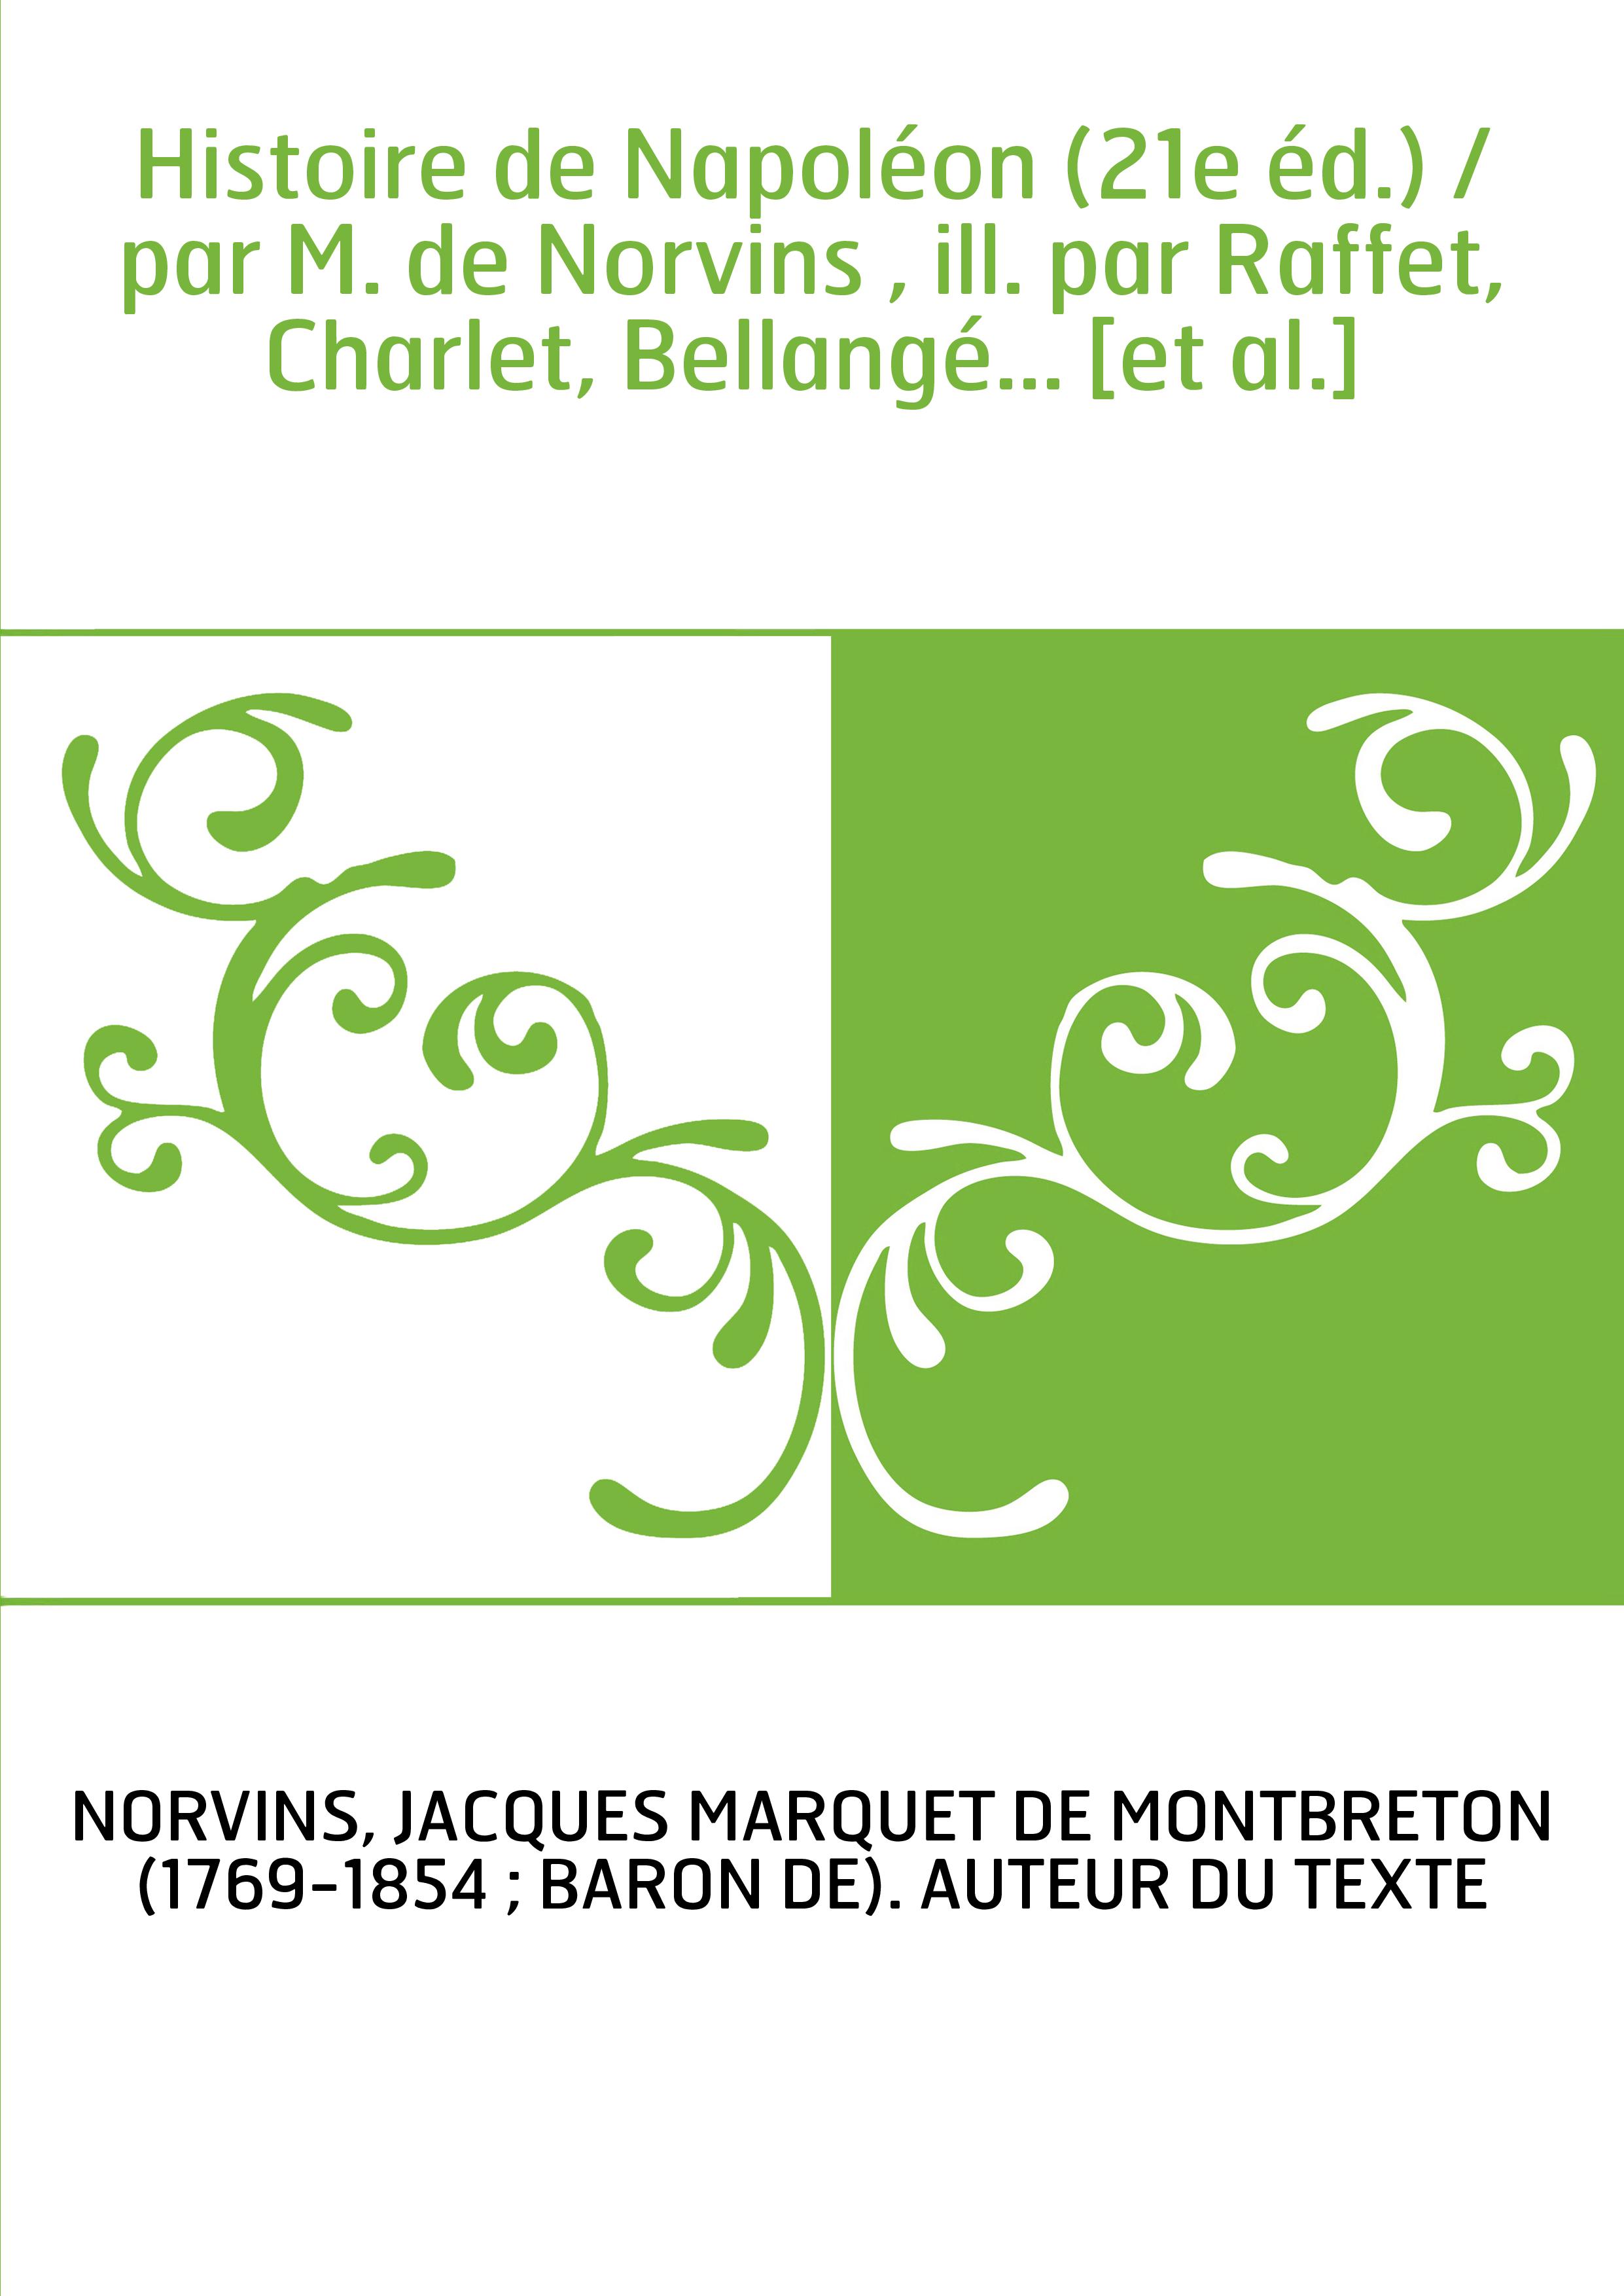 Histoire de Napoléon (21e éd.) / par M. de Norvins , ill. par Raffet, Charlet, Bellangé... [et al.]